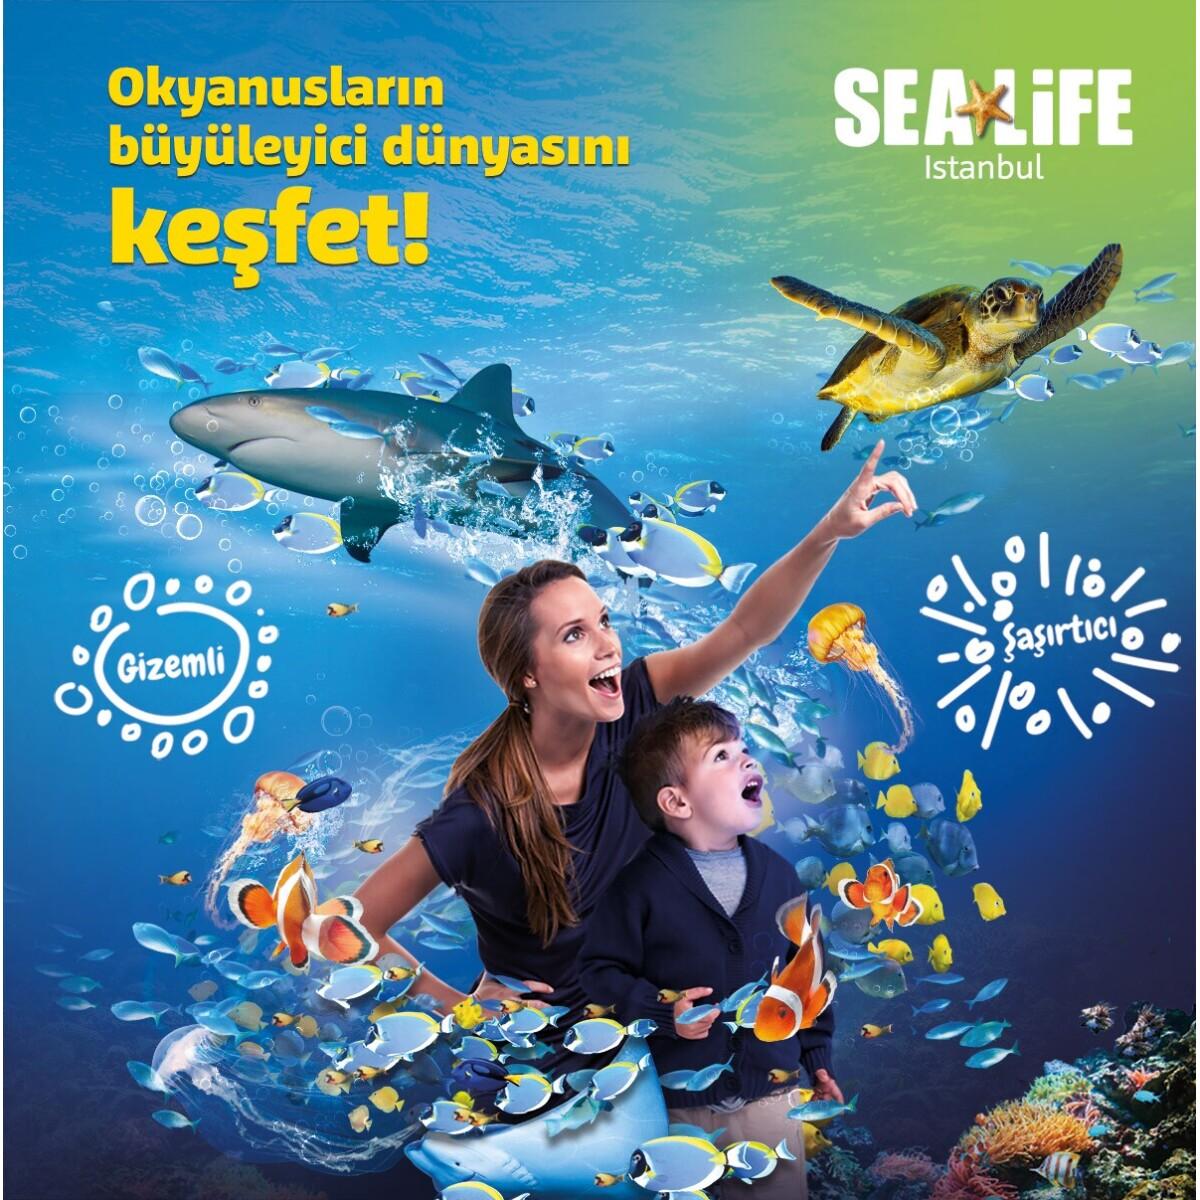 SEA LIFE İstanbul İndirimli Giriş Bileti